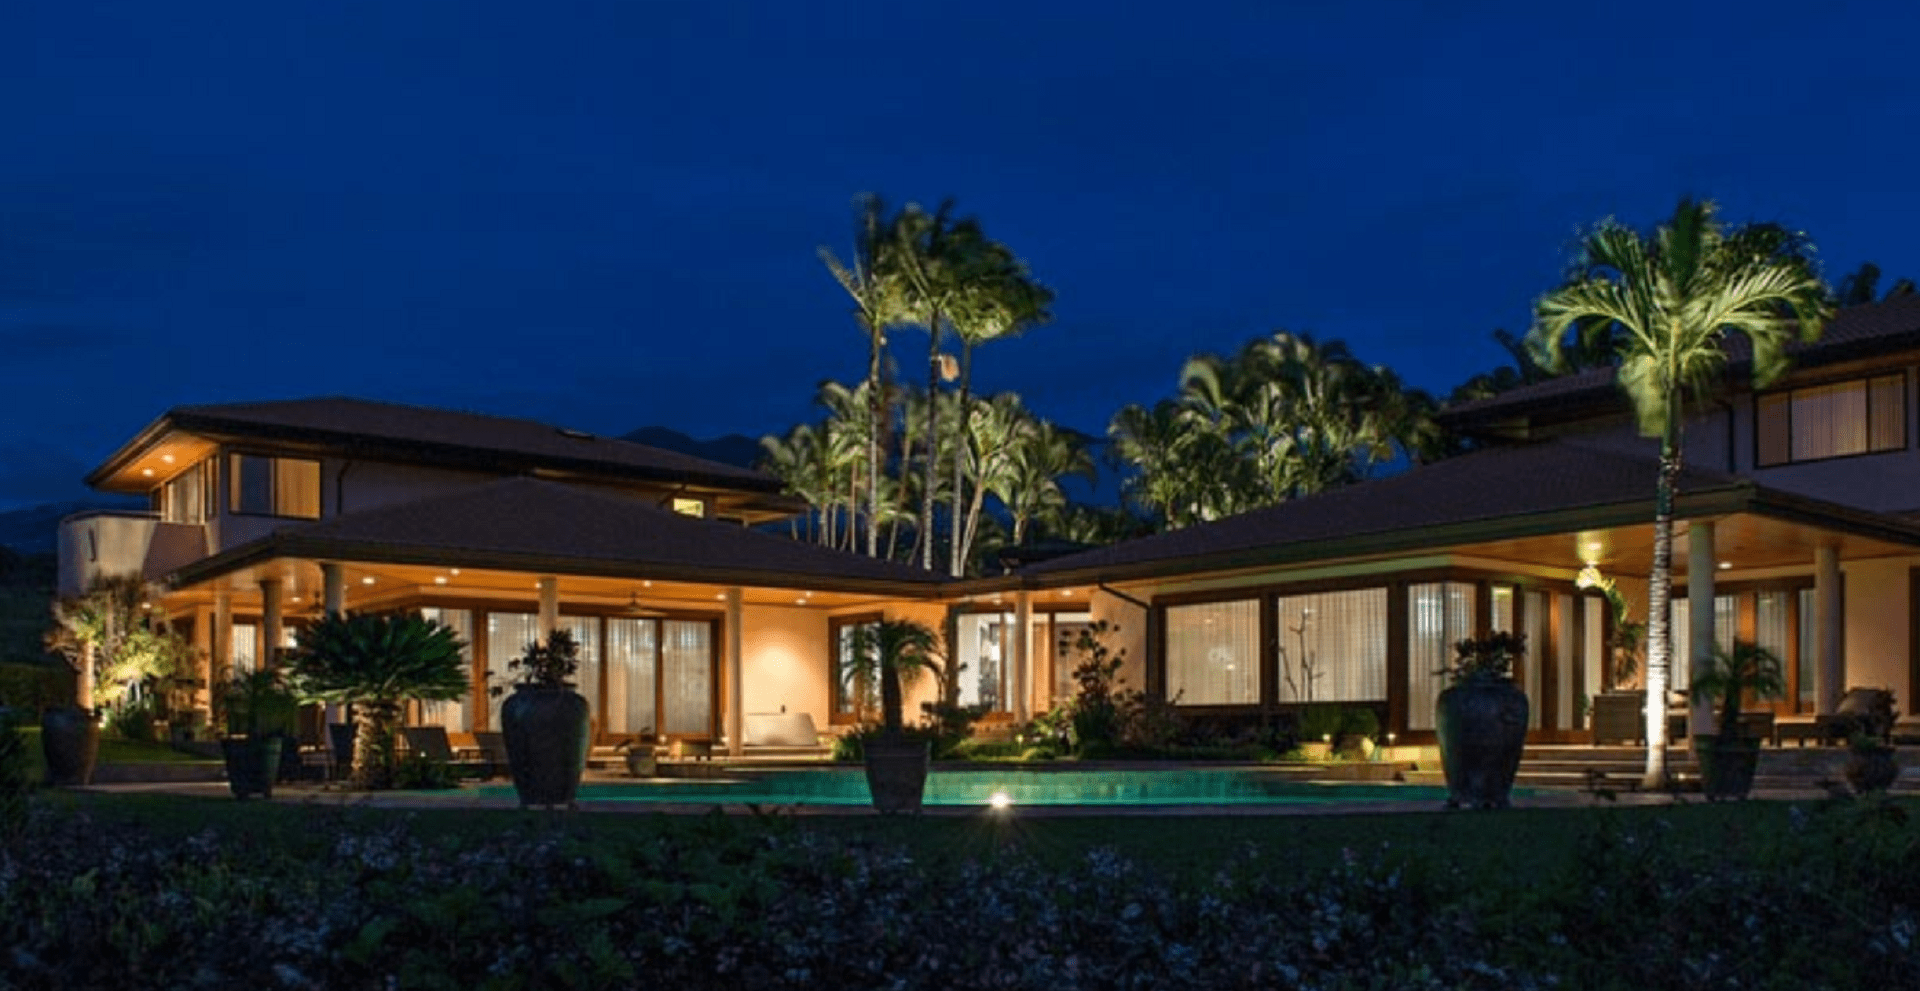 Illuminazione esterna villa classica: applique classica da esterno